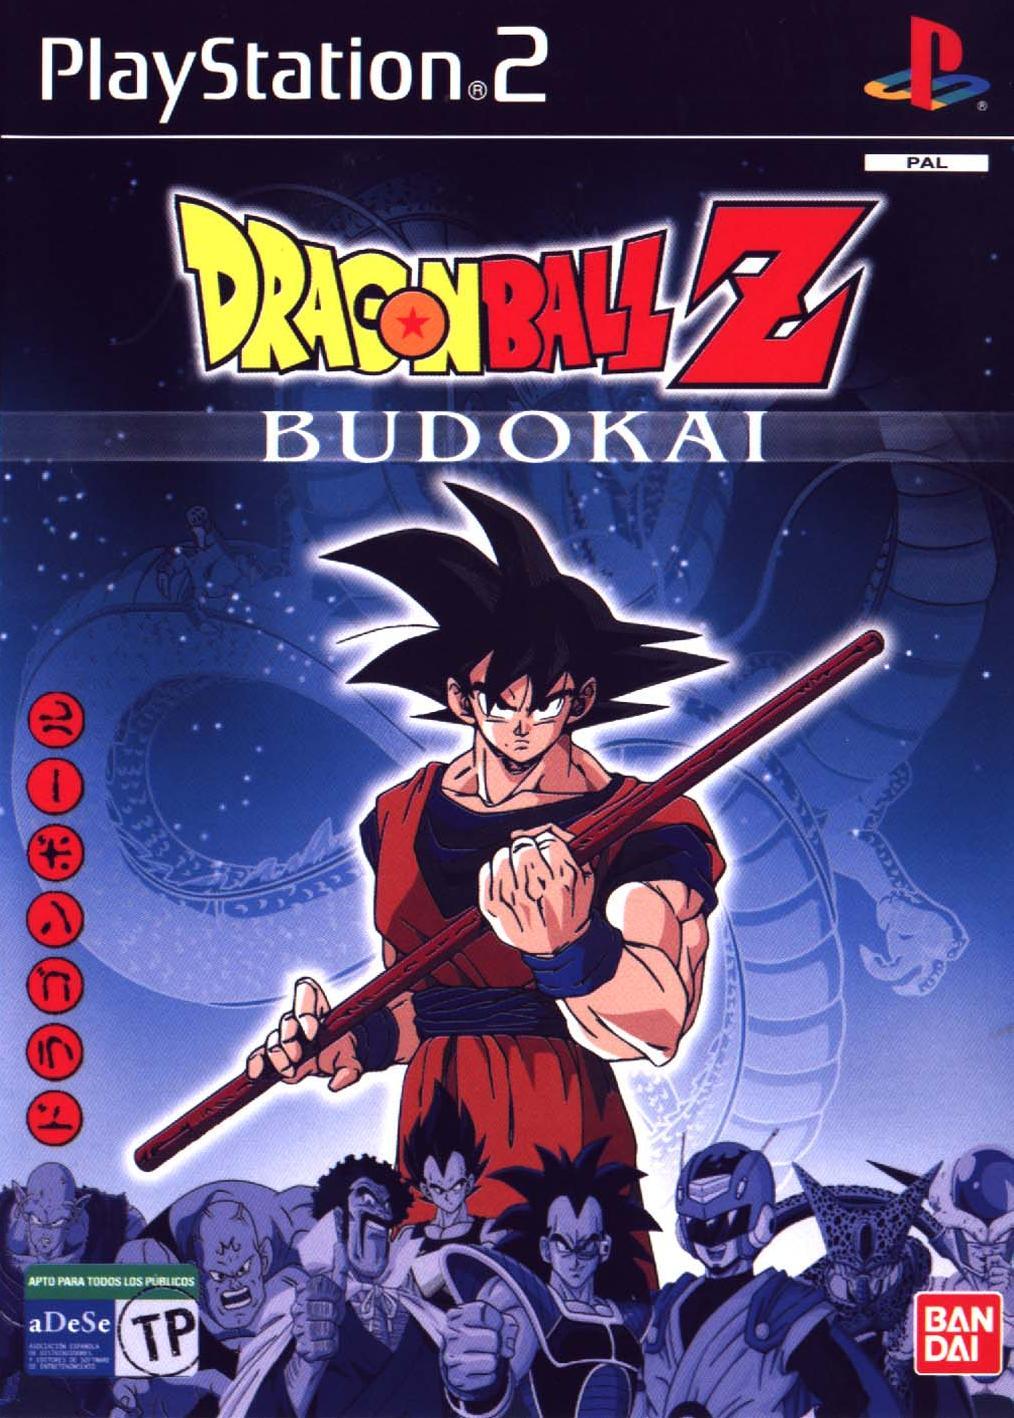 Dragon Ball Z - Budokai Artwork